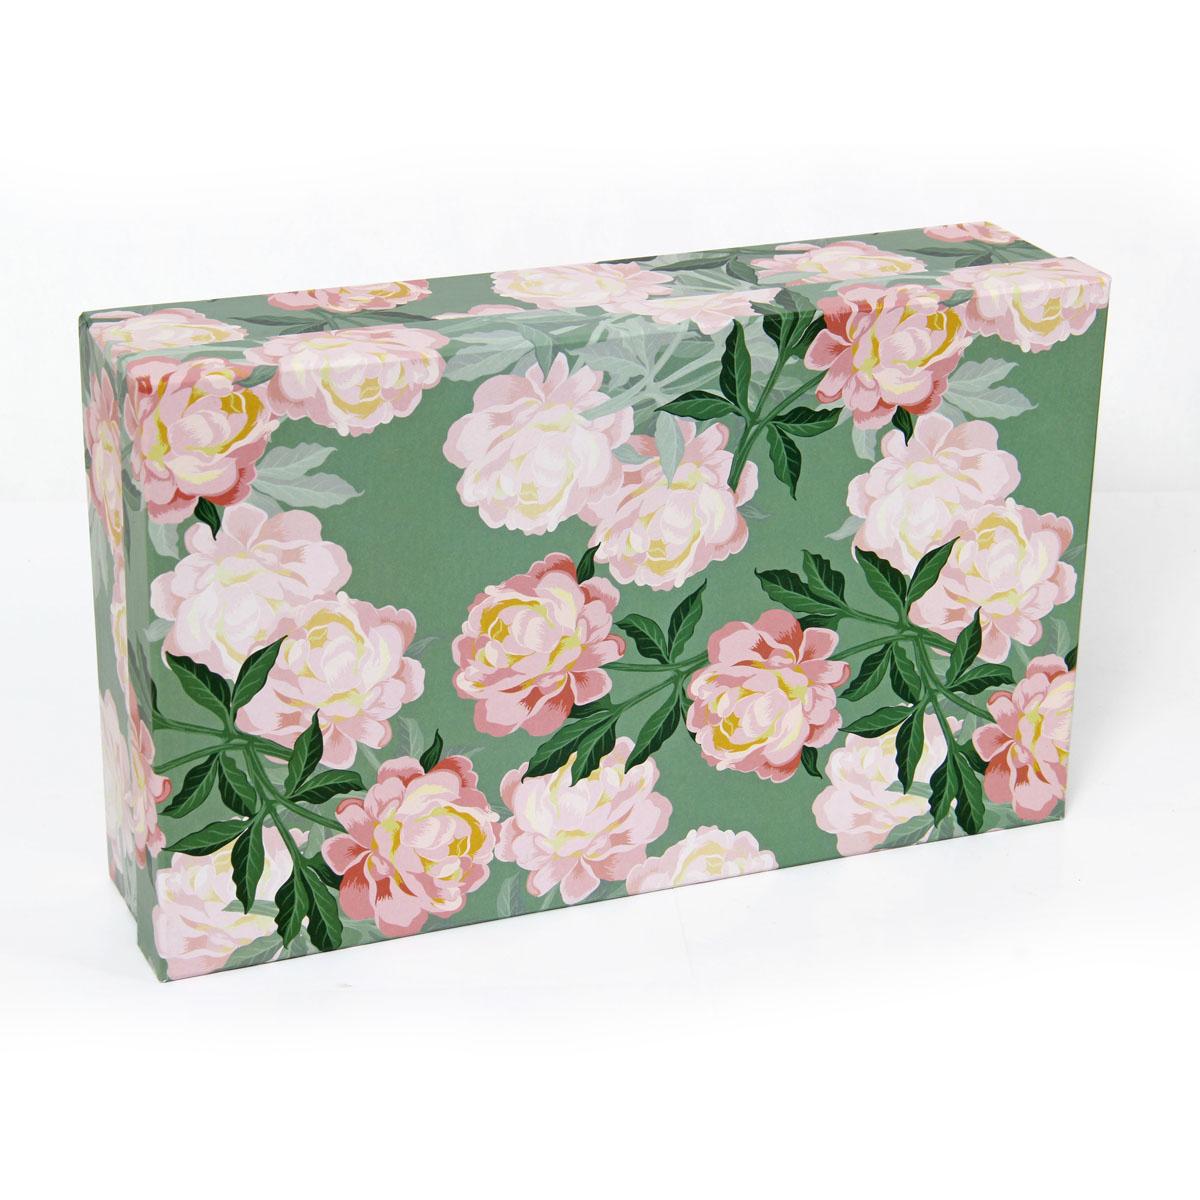 Набор подарочных коробок Veld-Co Ароматные пионы, прямоугольные, 5 шт51370Подарочные коробки Veld-Co - это наилучшее решение, если выхотите порадовать ваших близких и создать праздничное настроение, ведь подарок, преподнесенный в оригинальной упаковке, всегда будет самым эффектным и запоминающимся. Окружите близких людей вниманием и заботой, вручив презент в нарядном, праздничном оформлении.